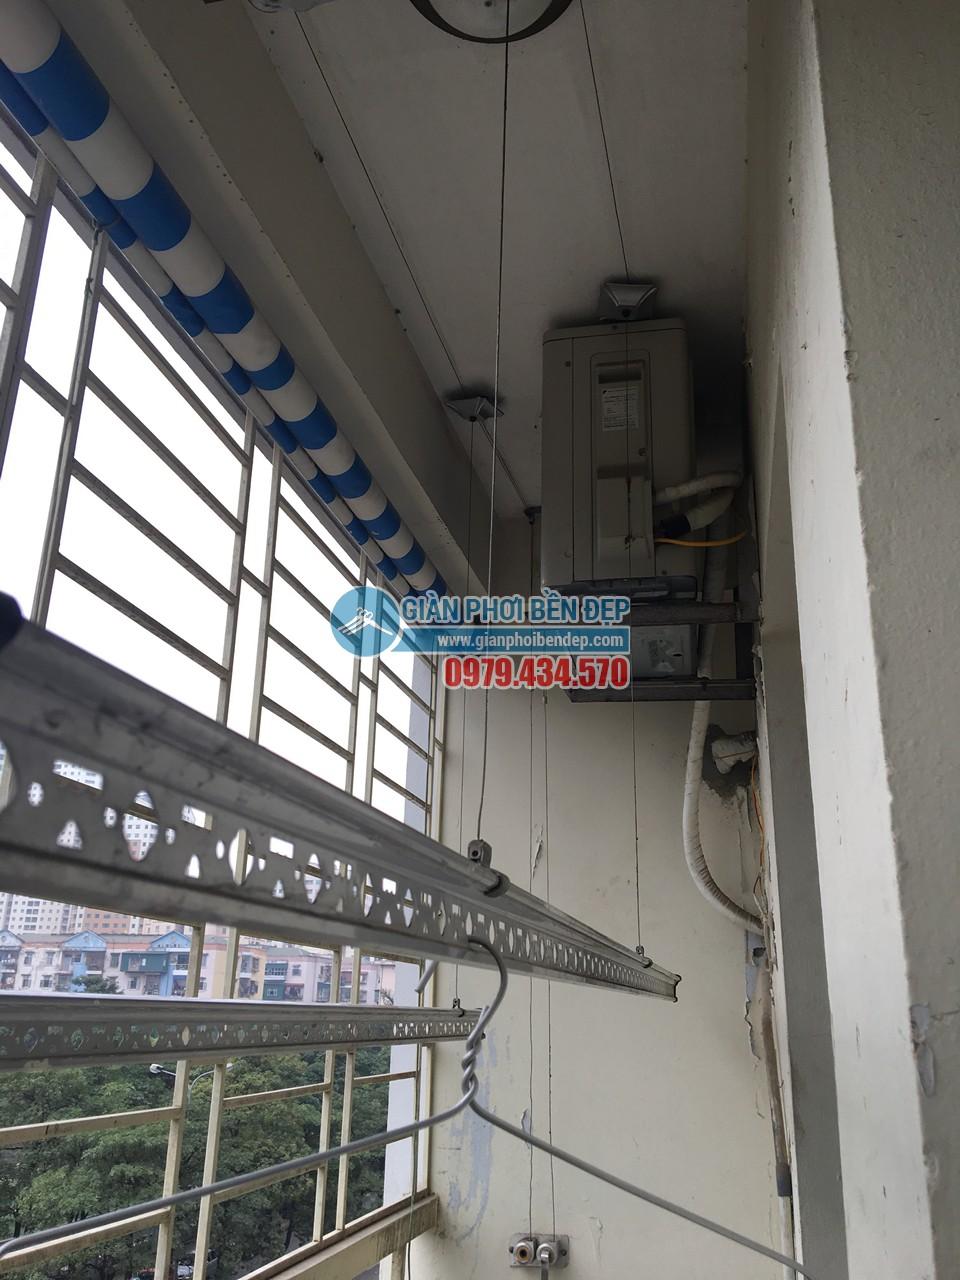 Sửa giàn phơi thông minh nhà cô Tâm bị đứt dây cáp, tòa CT3A Trung Hòa - 05